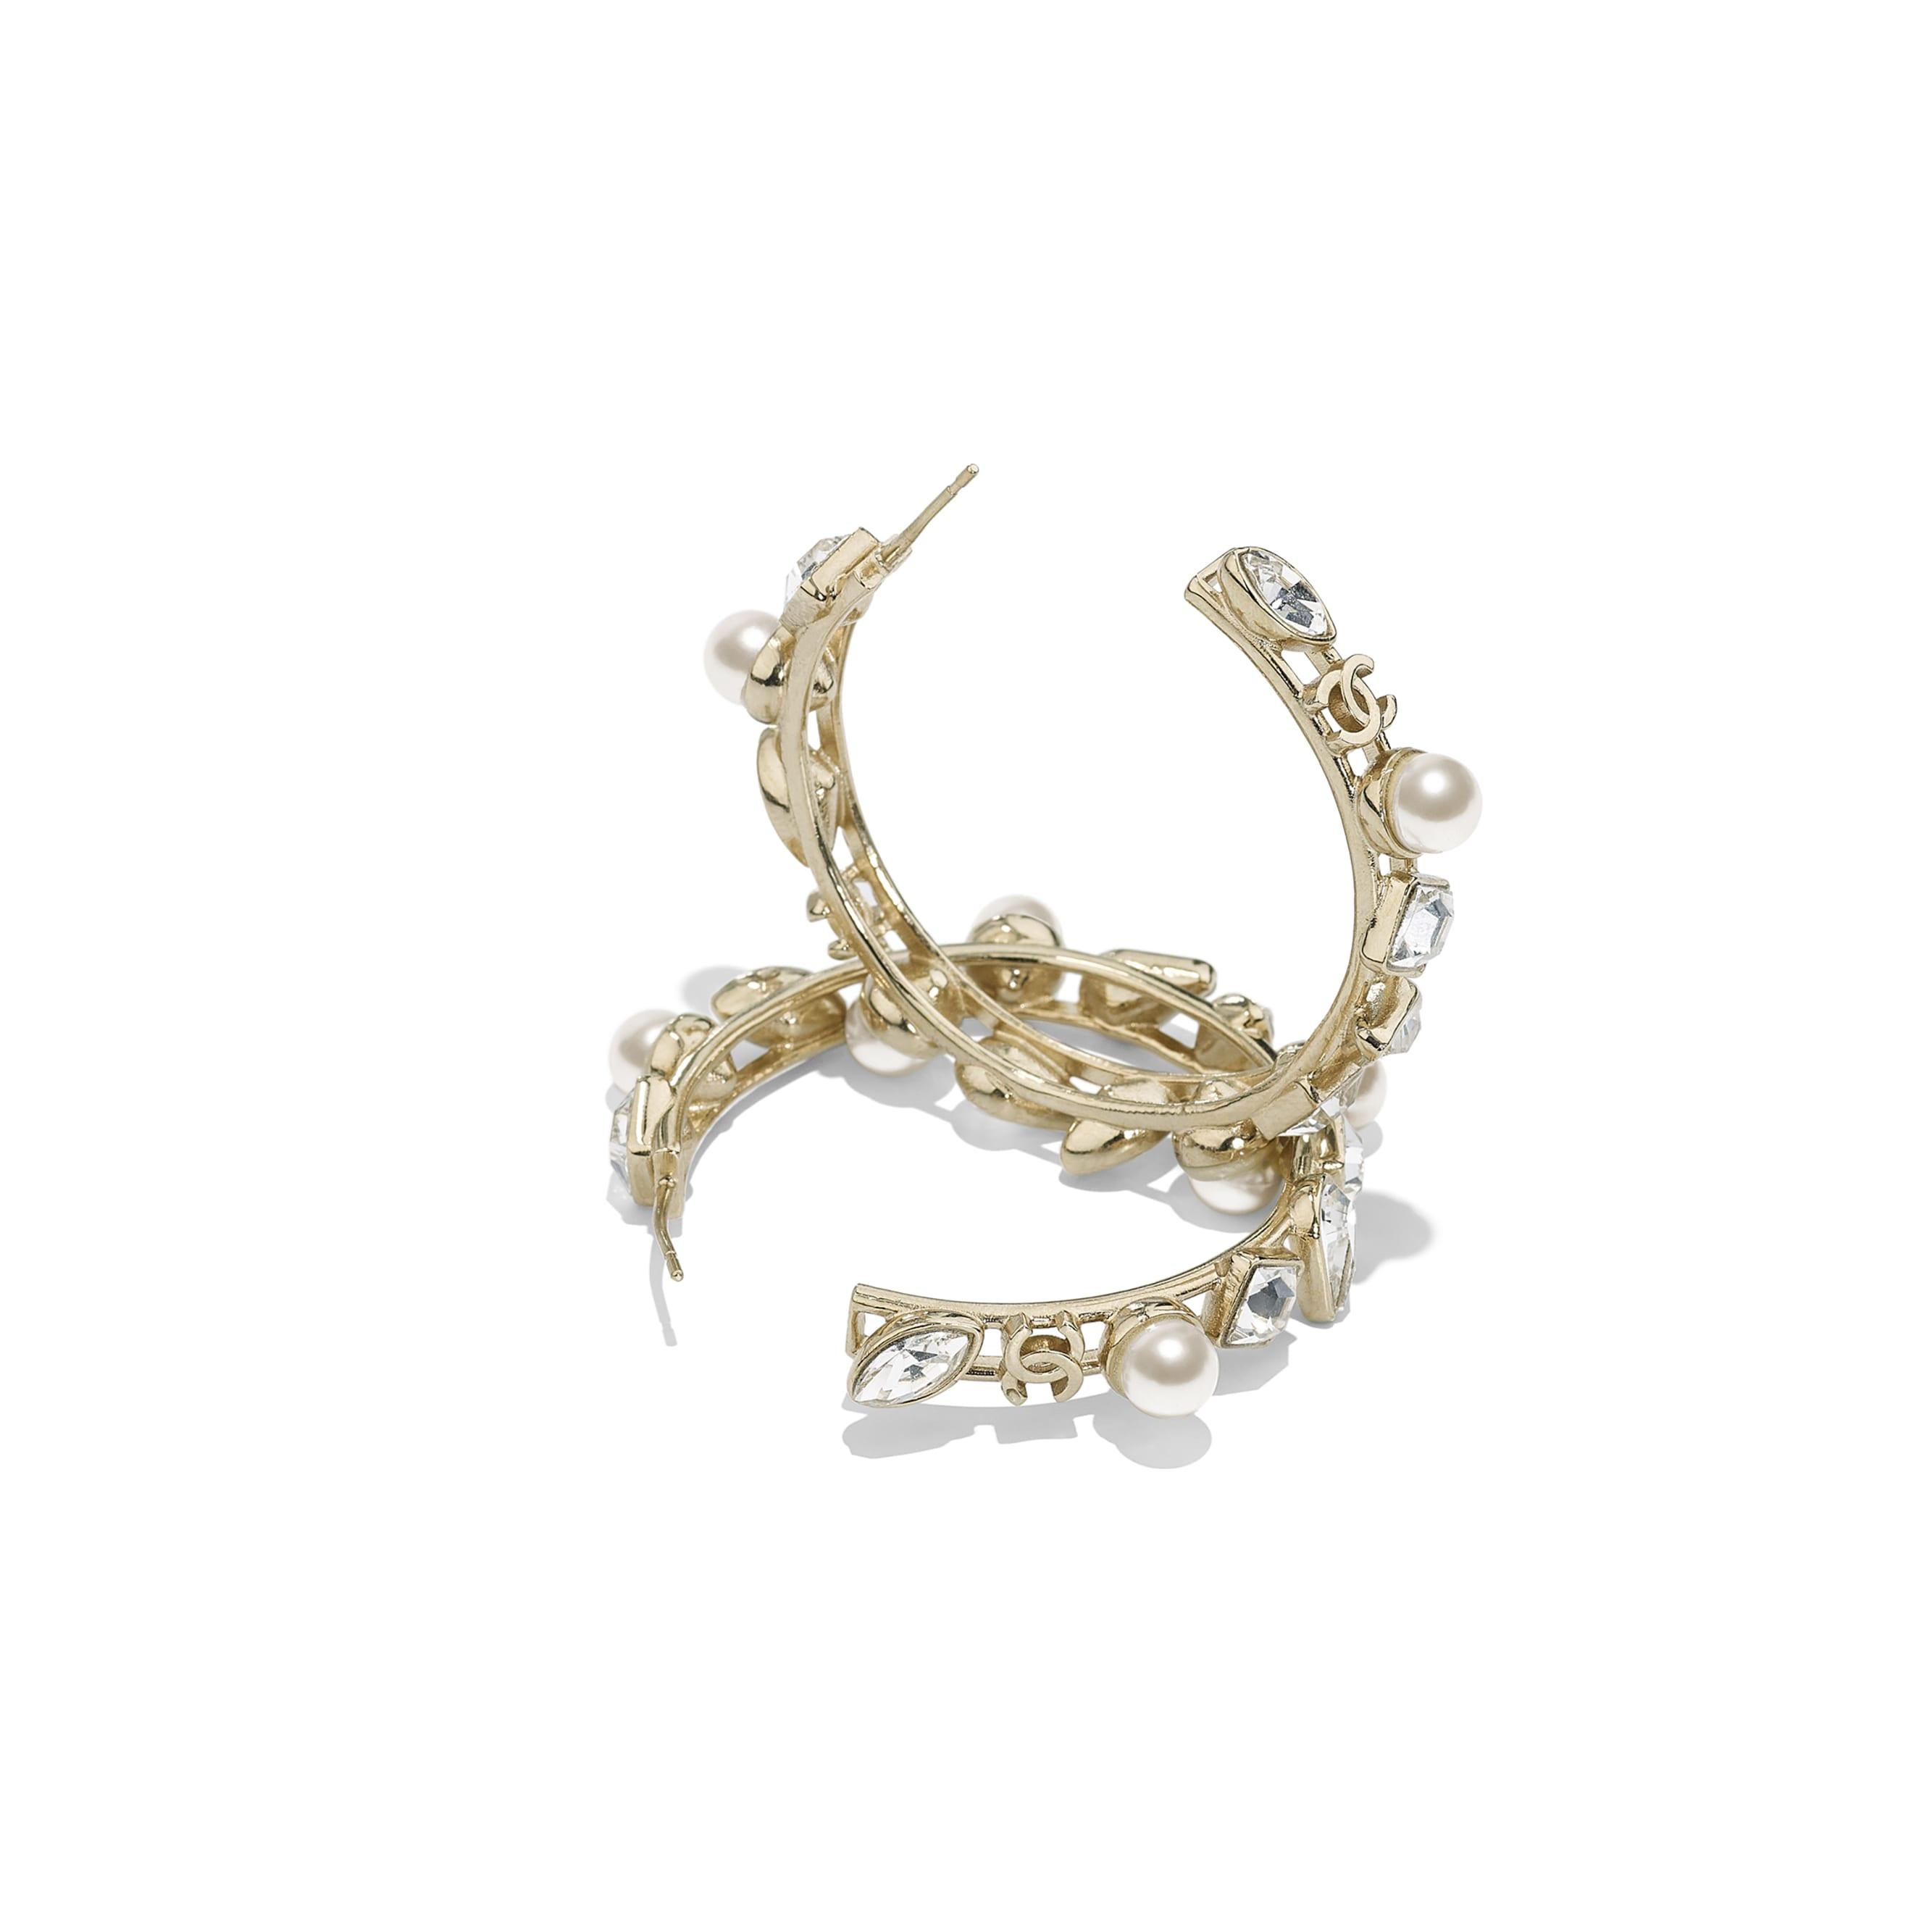 Kolczyki - Kolor złoty, perłowobiały i krystaliczny - Metal, szklane perły i stras - Widok alternatywny – zobacz w standardowym rozmiarze